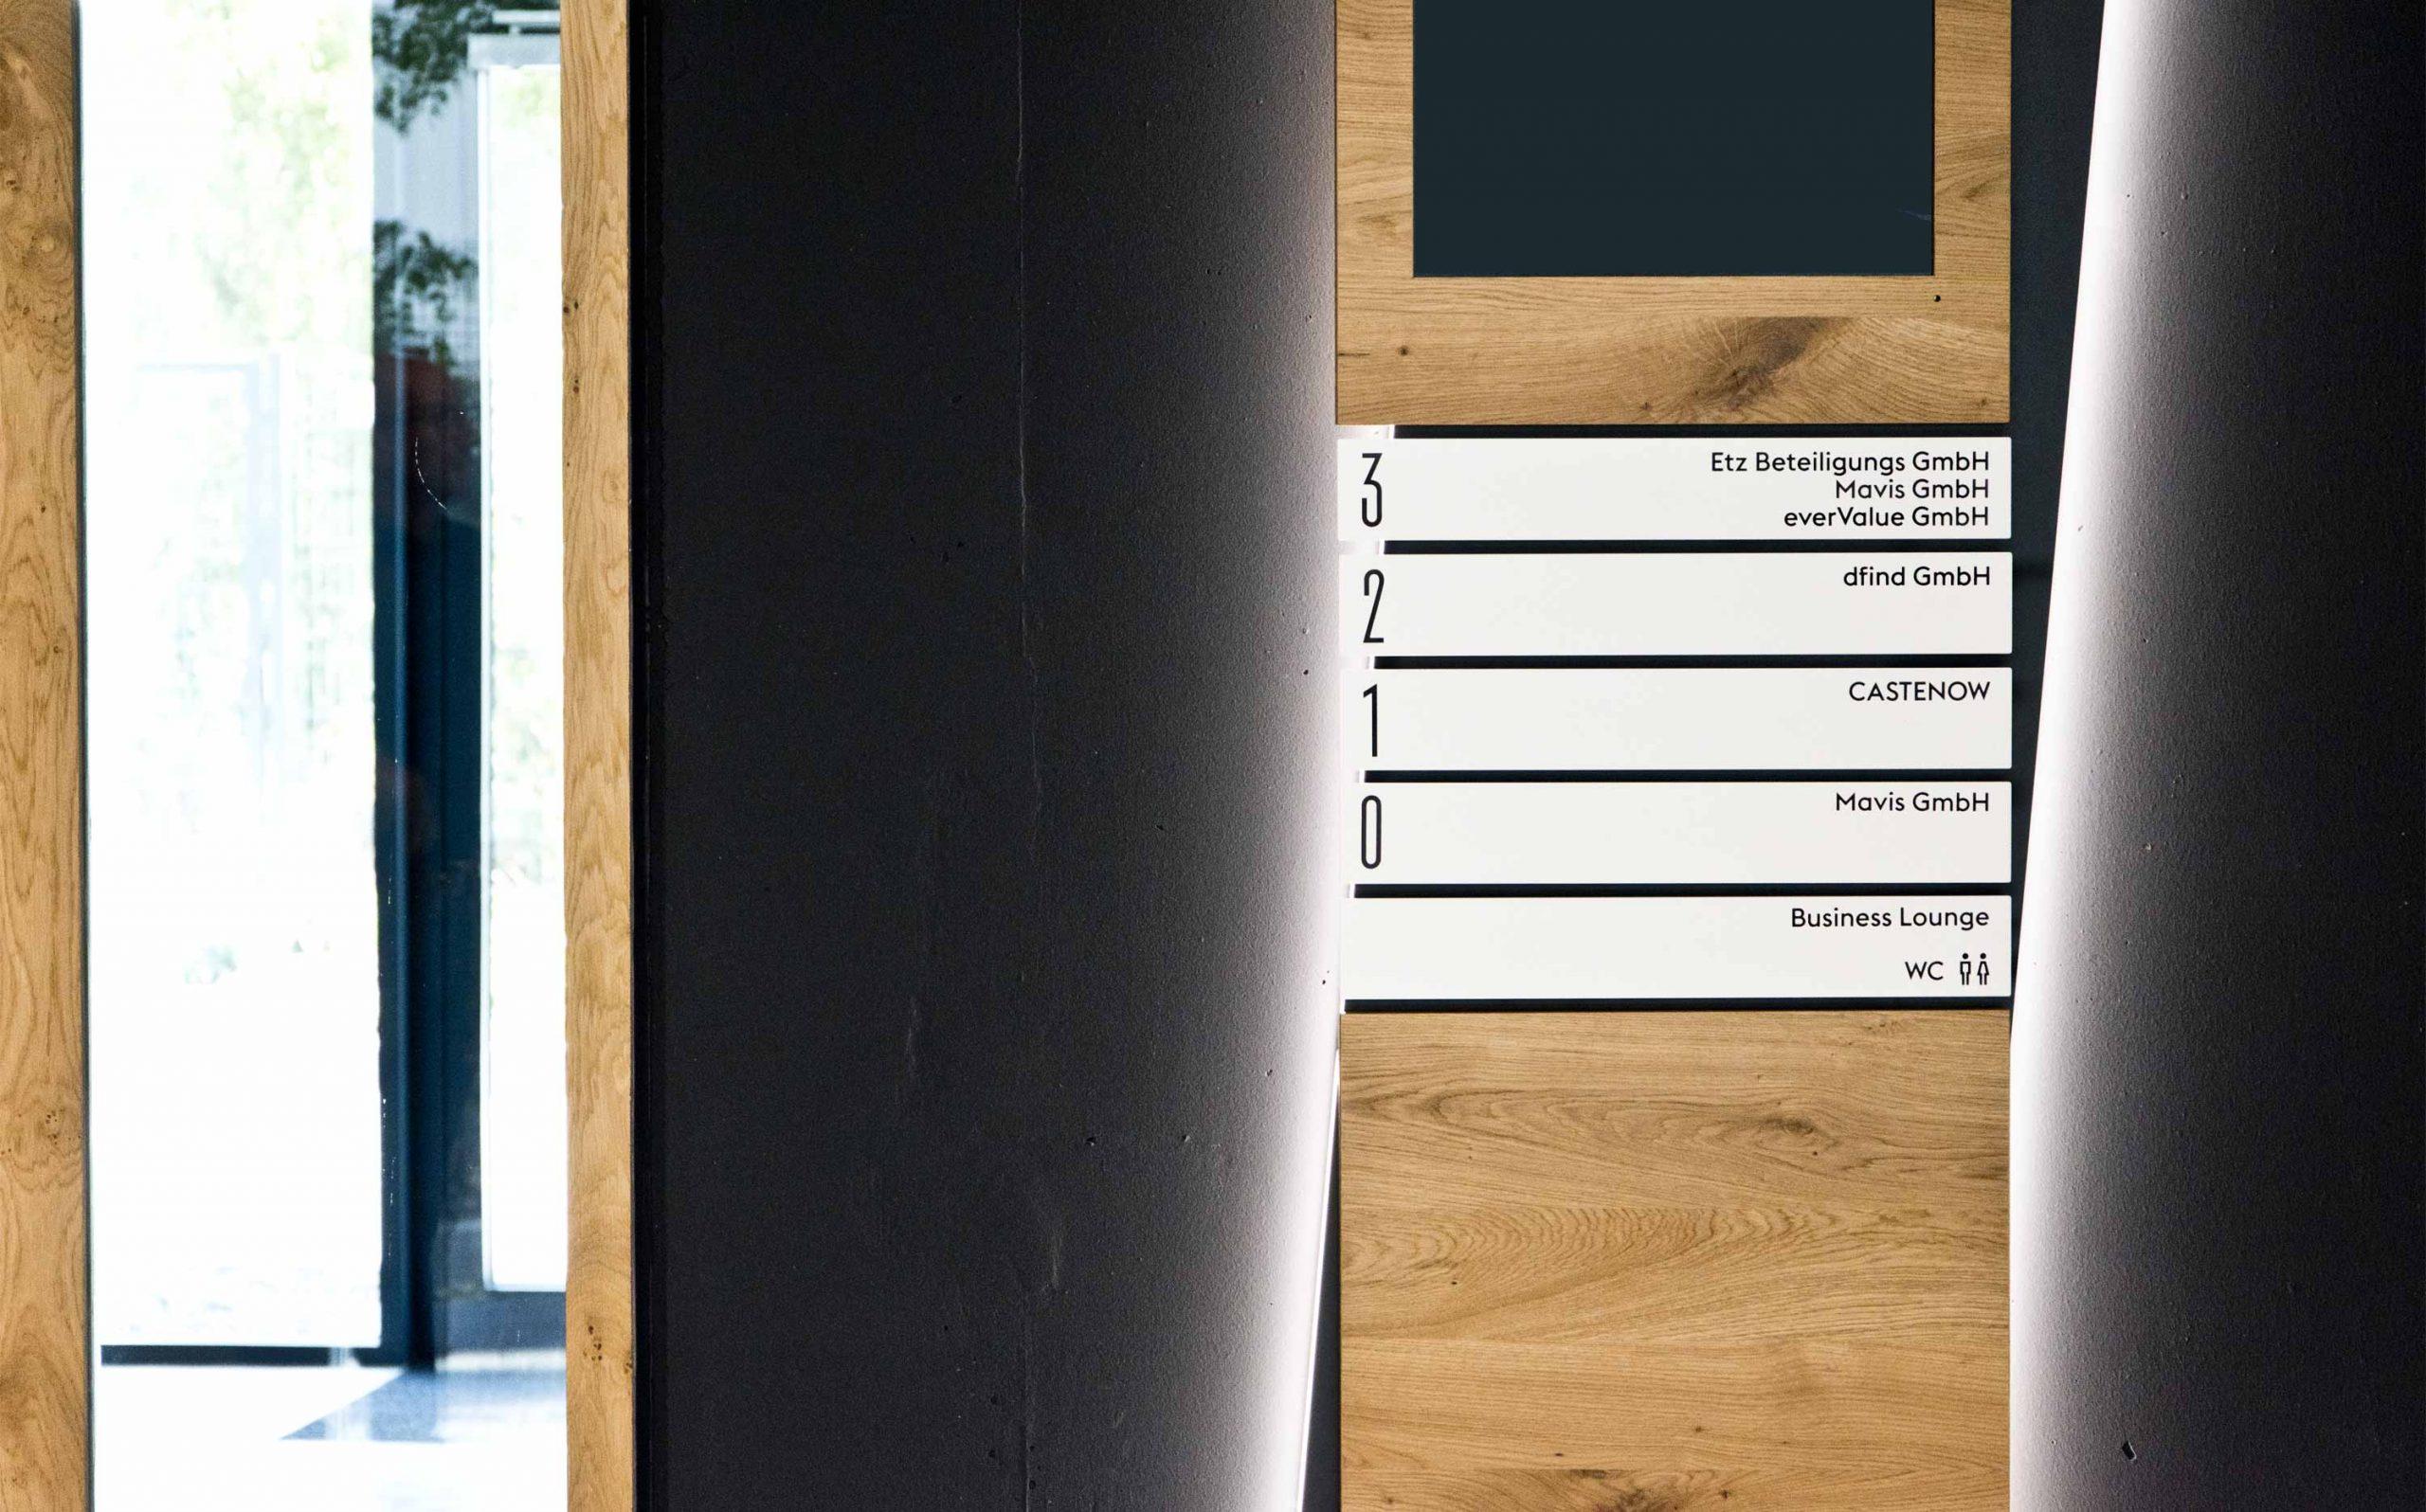 Leit- & Informationssystem The Beach, Düsseldorf | Etagenübersicht im EG, Informationsstele mit hinterleuchtetem Korpus, Detail | Keywords: Etagenkennzeichnung, Signaletik, Leitsystem, Orientierungssystem, Büro, Office, Design, Grafikdesign, Typografie